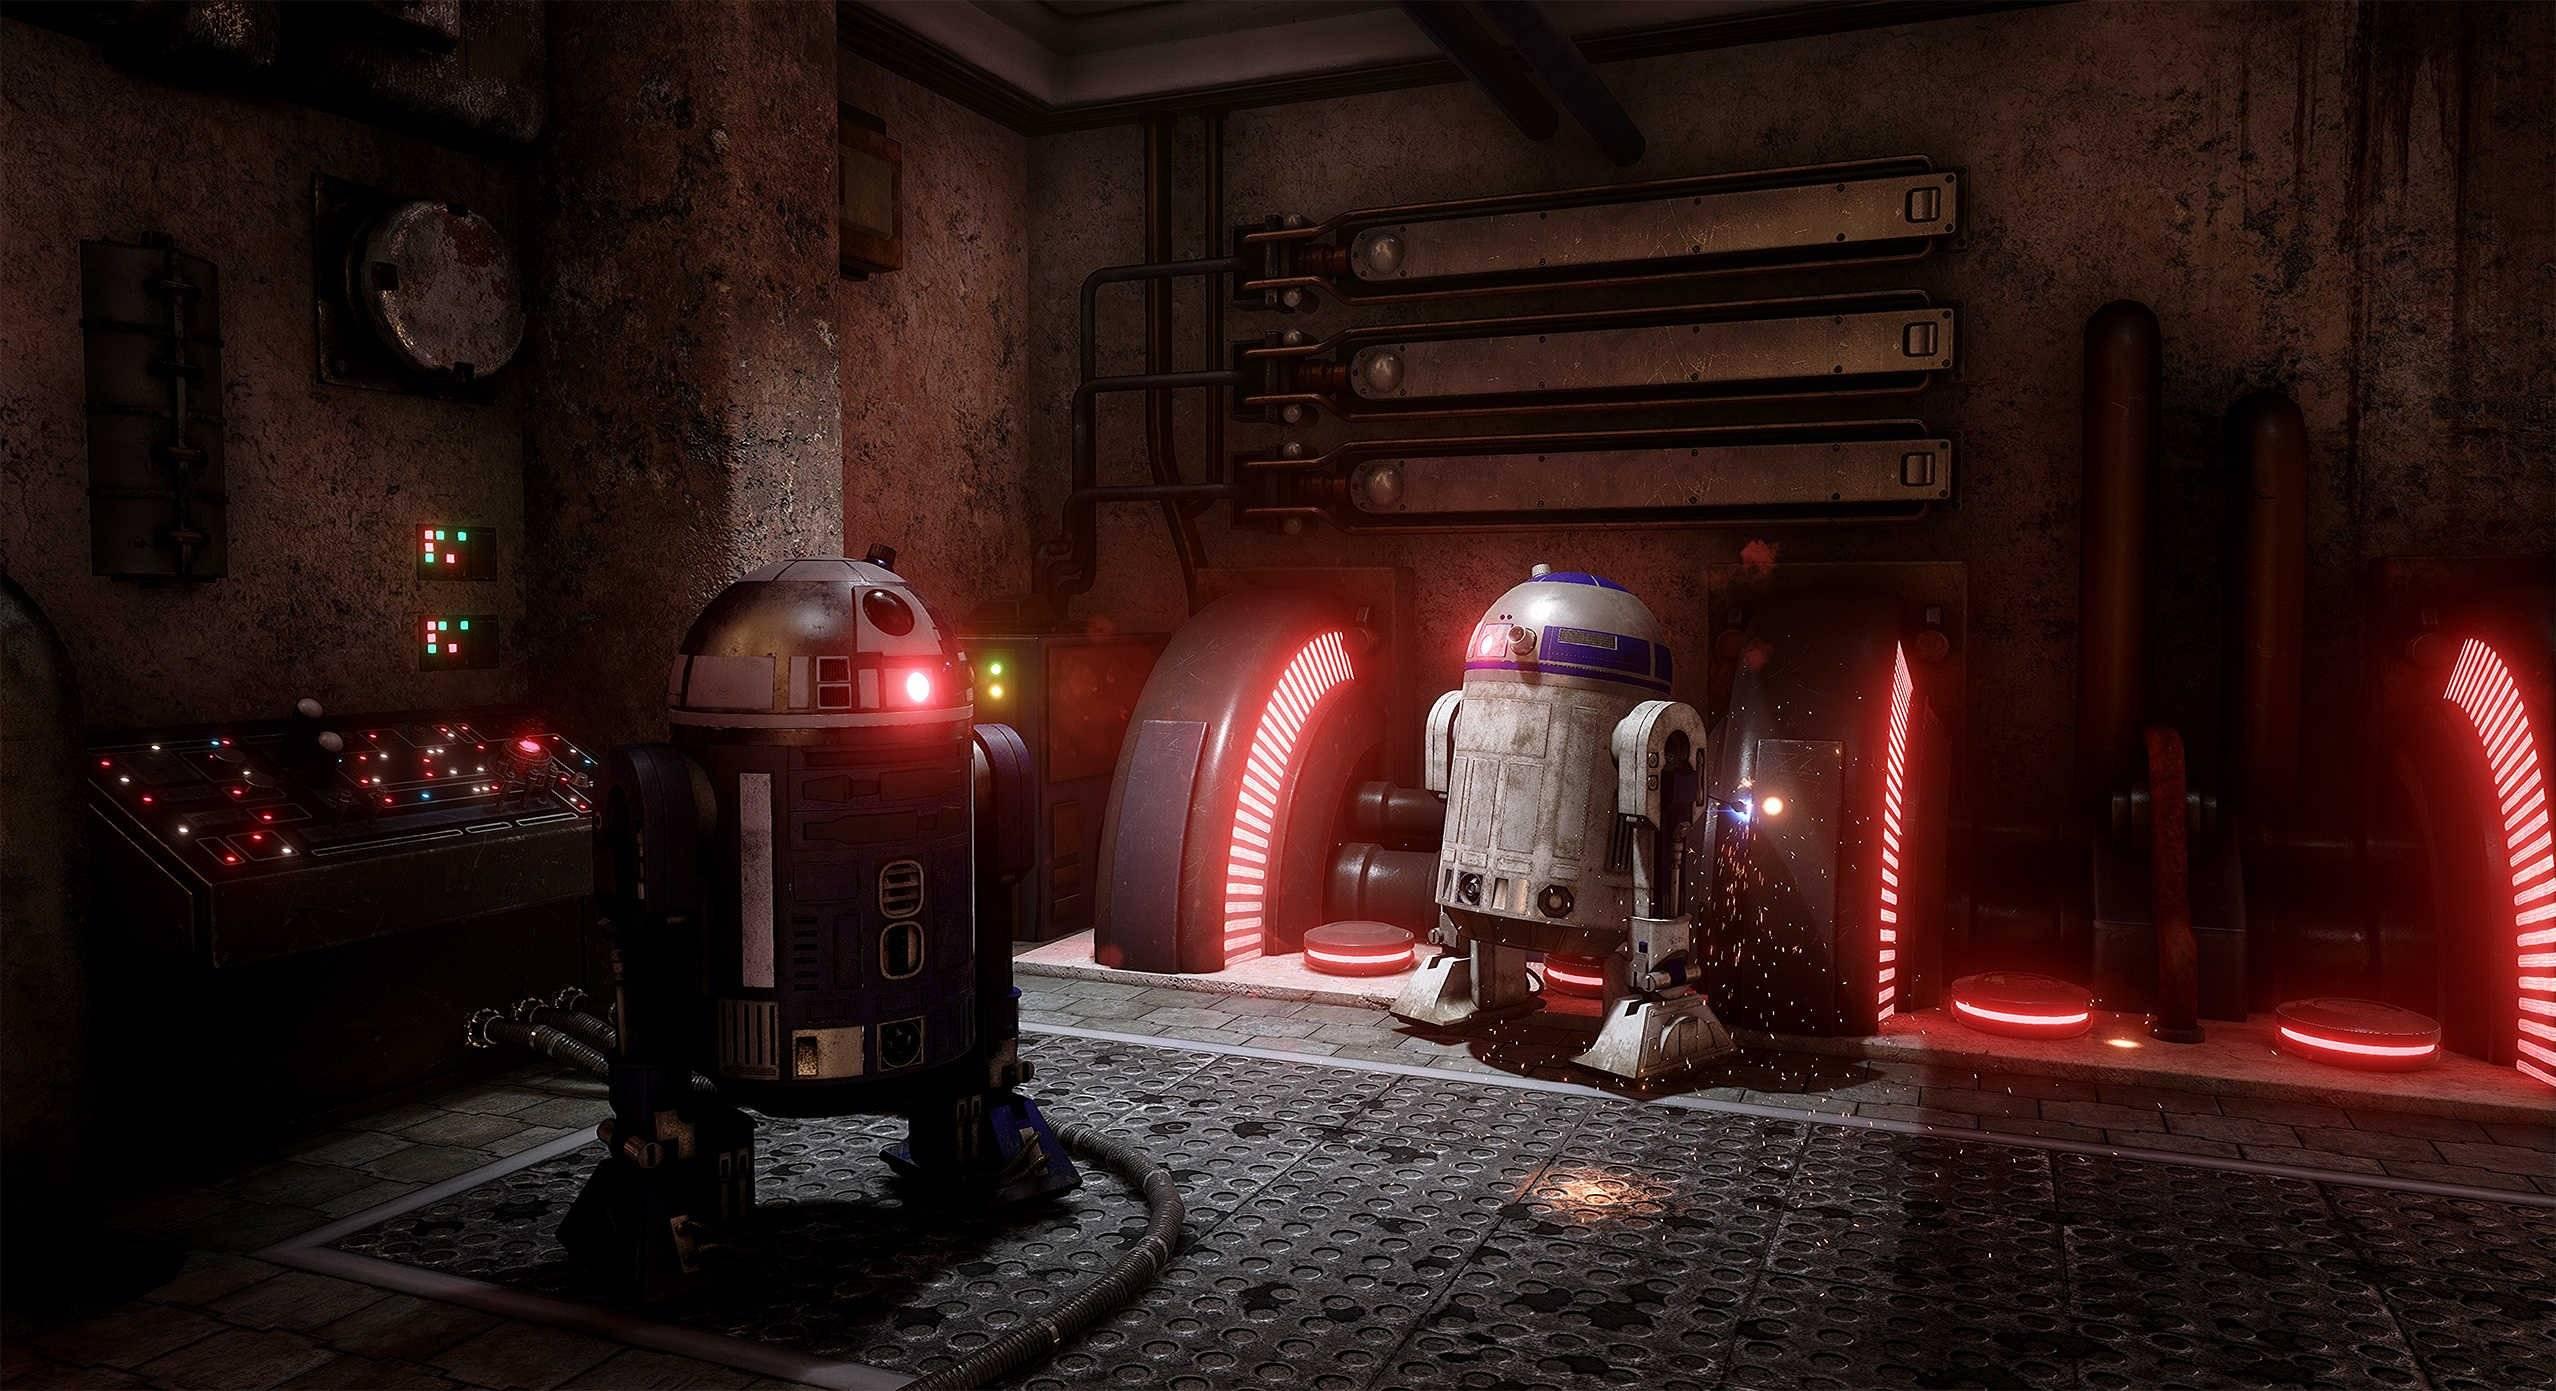 Разработчик из Obsidian в свободное время создаёт ремейк шутера Star Wars Dark Forces 2